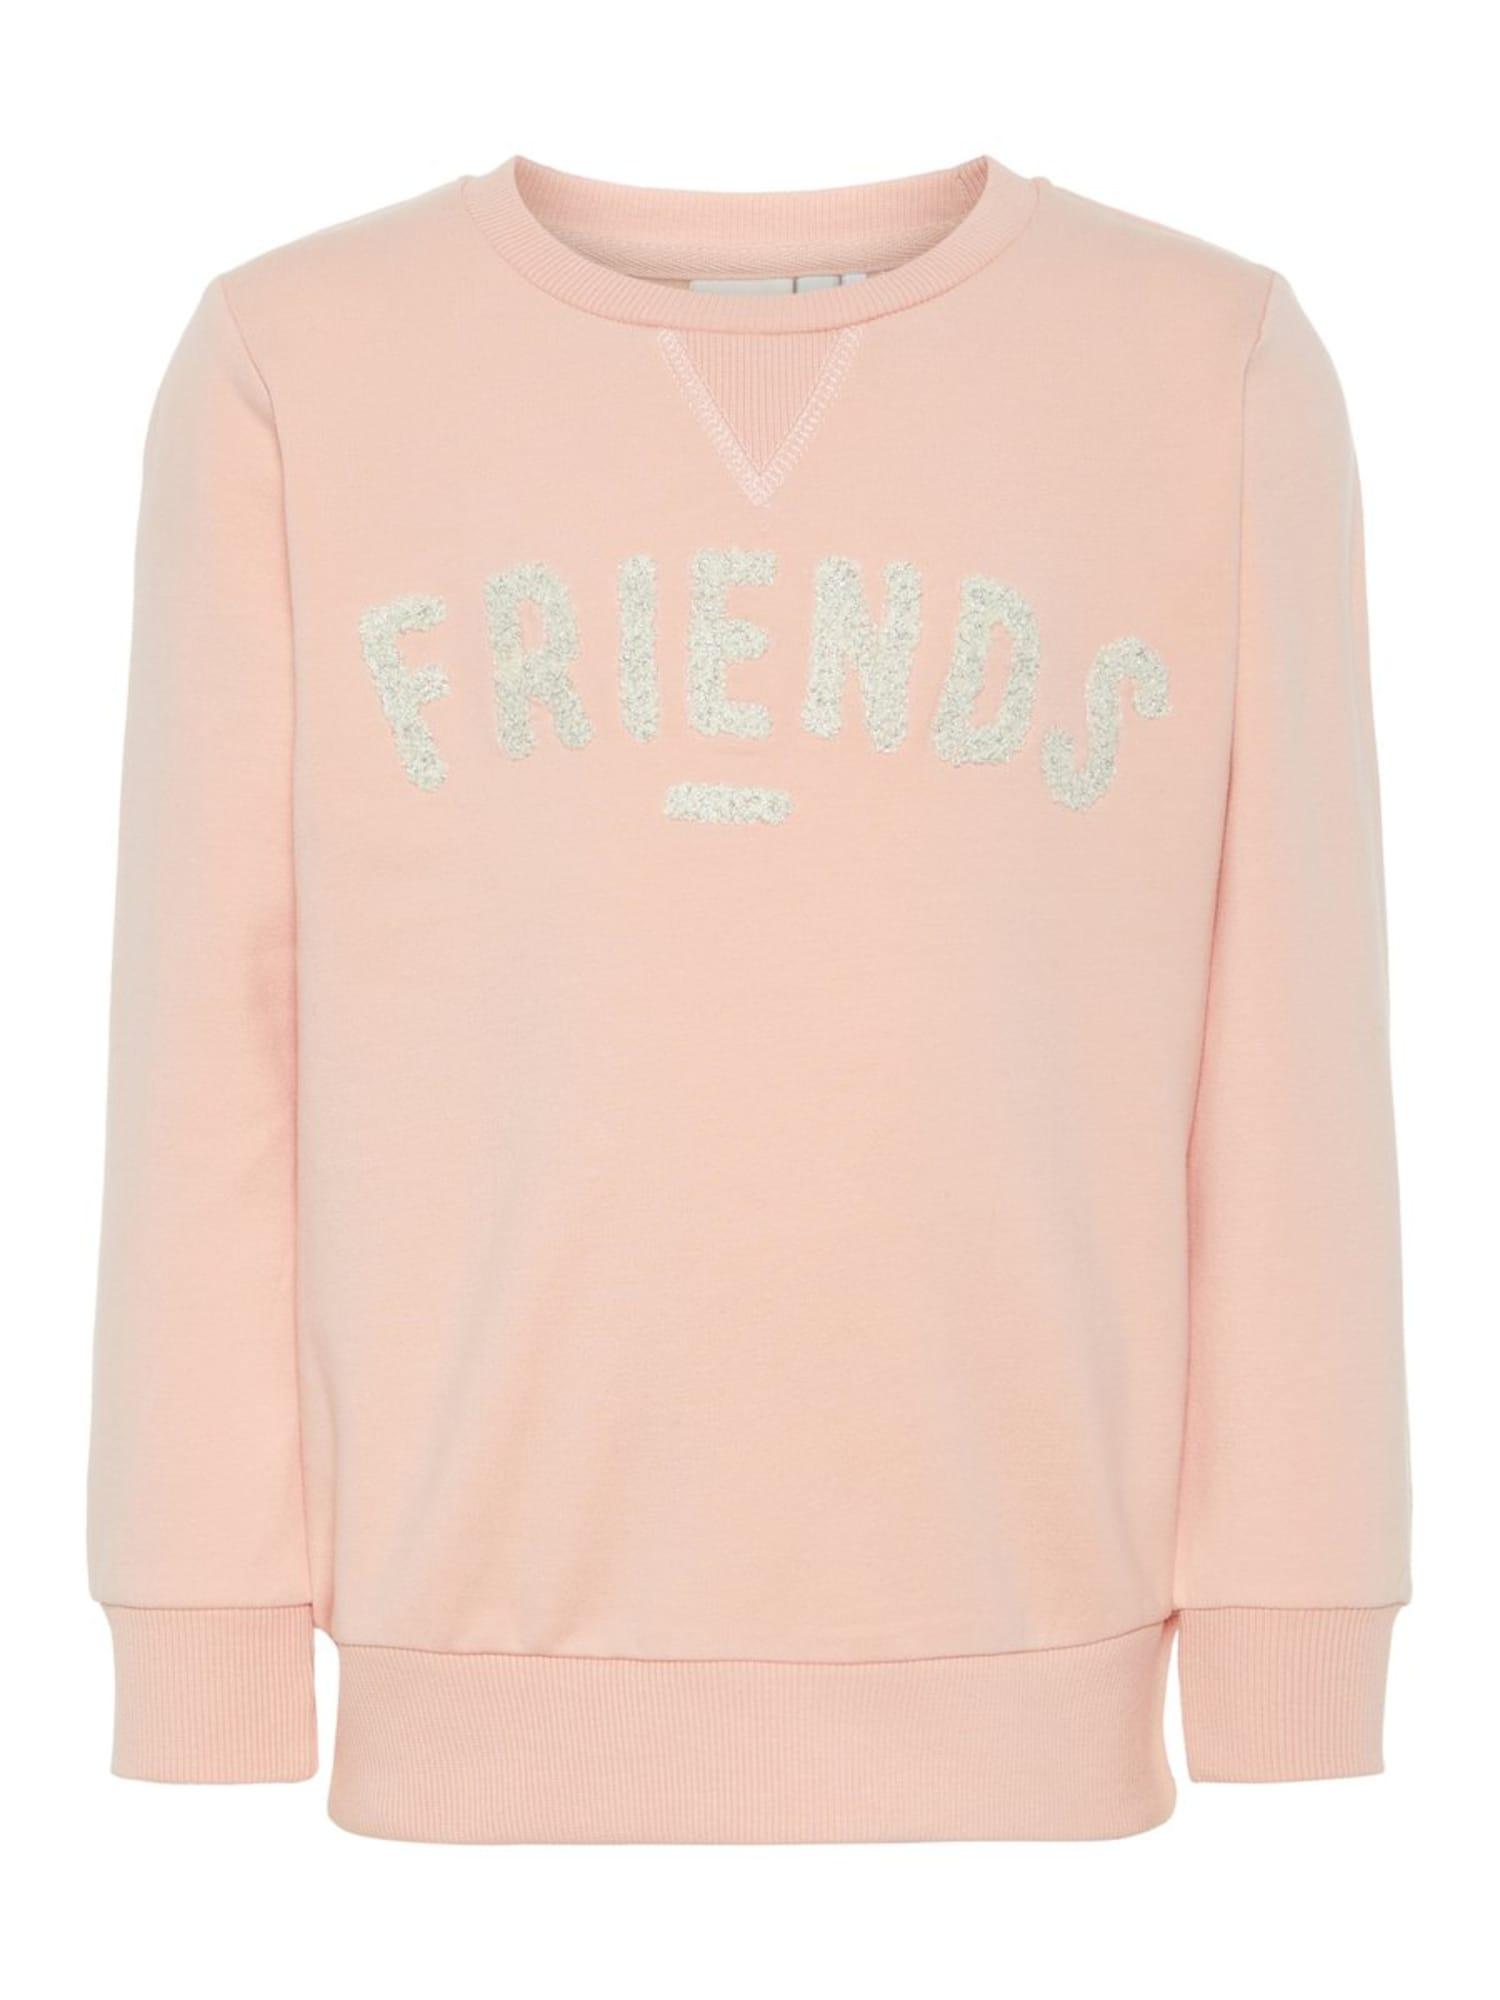 Sweatshirt 'Friends'